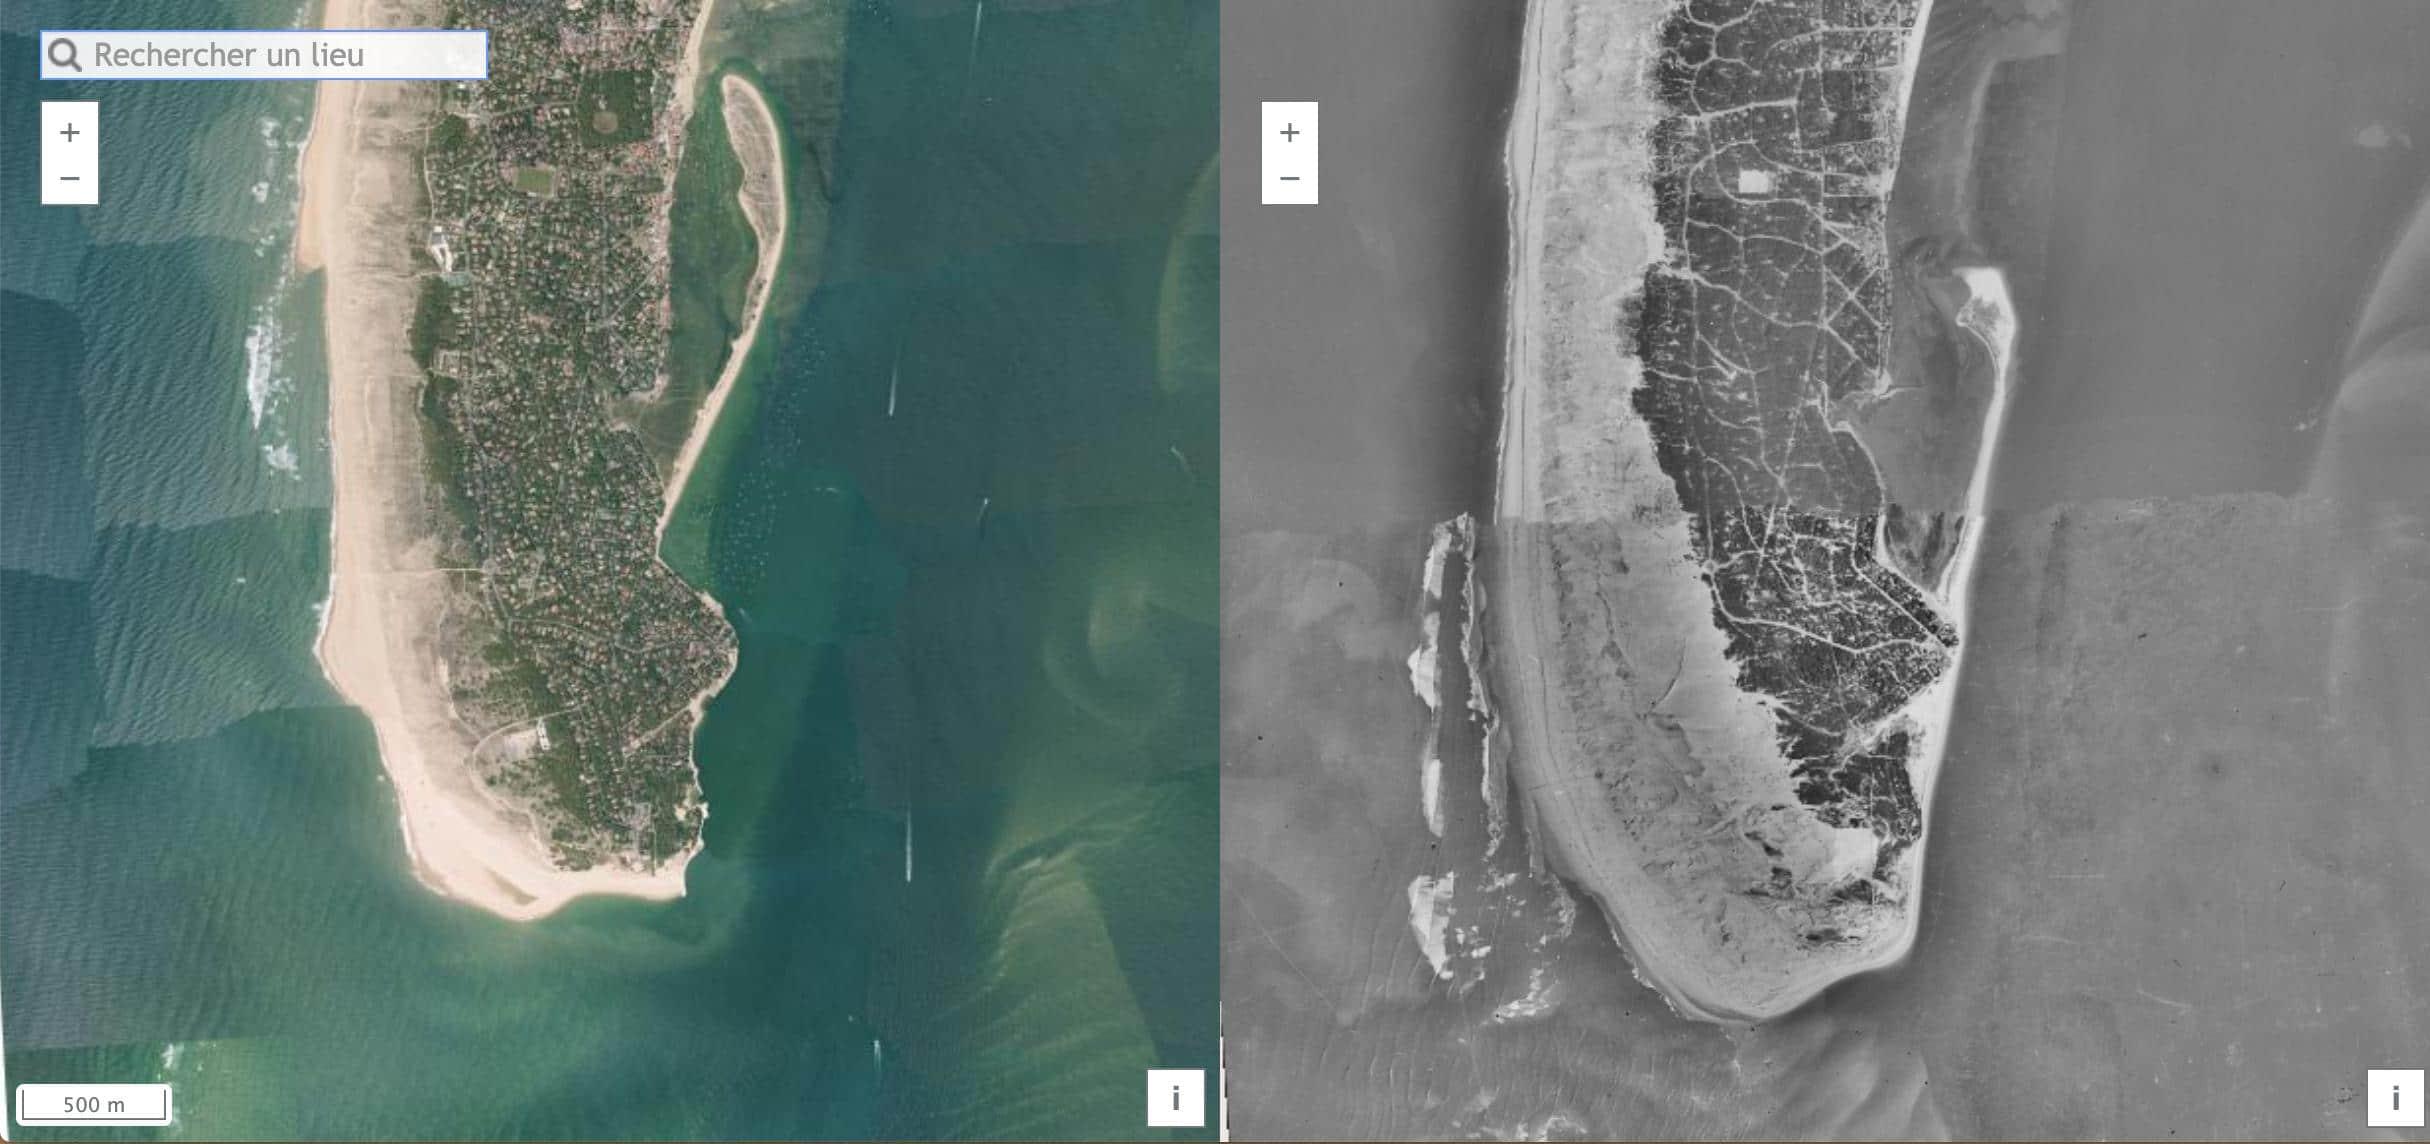 Vues aériennes de la pointe du Cap Ferret en 2015 et 1950